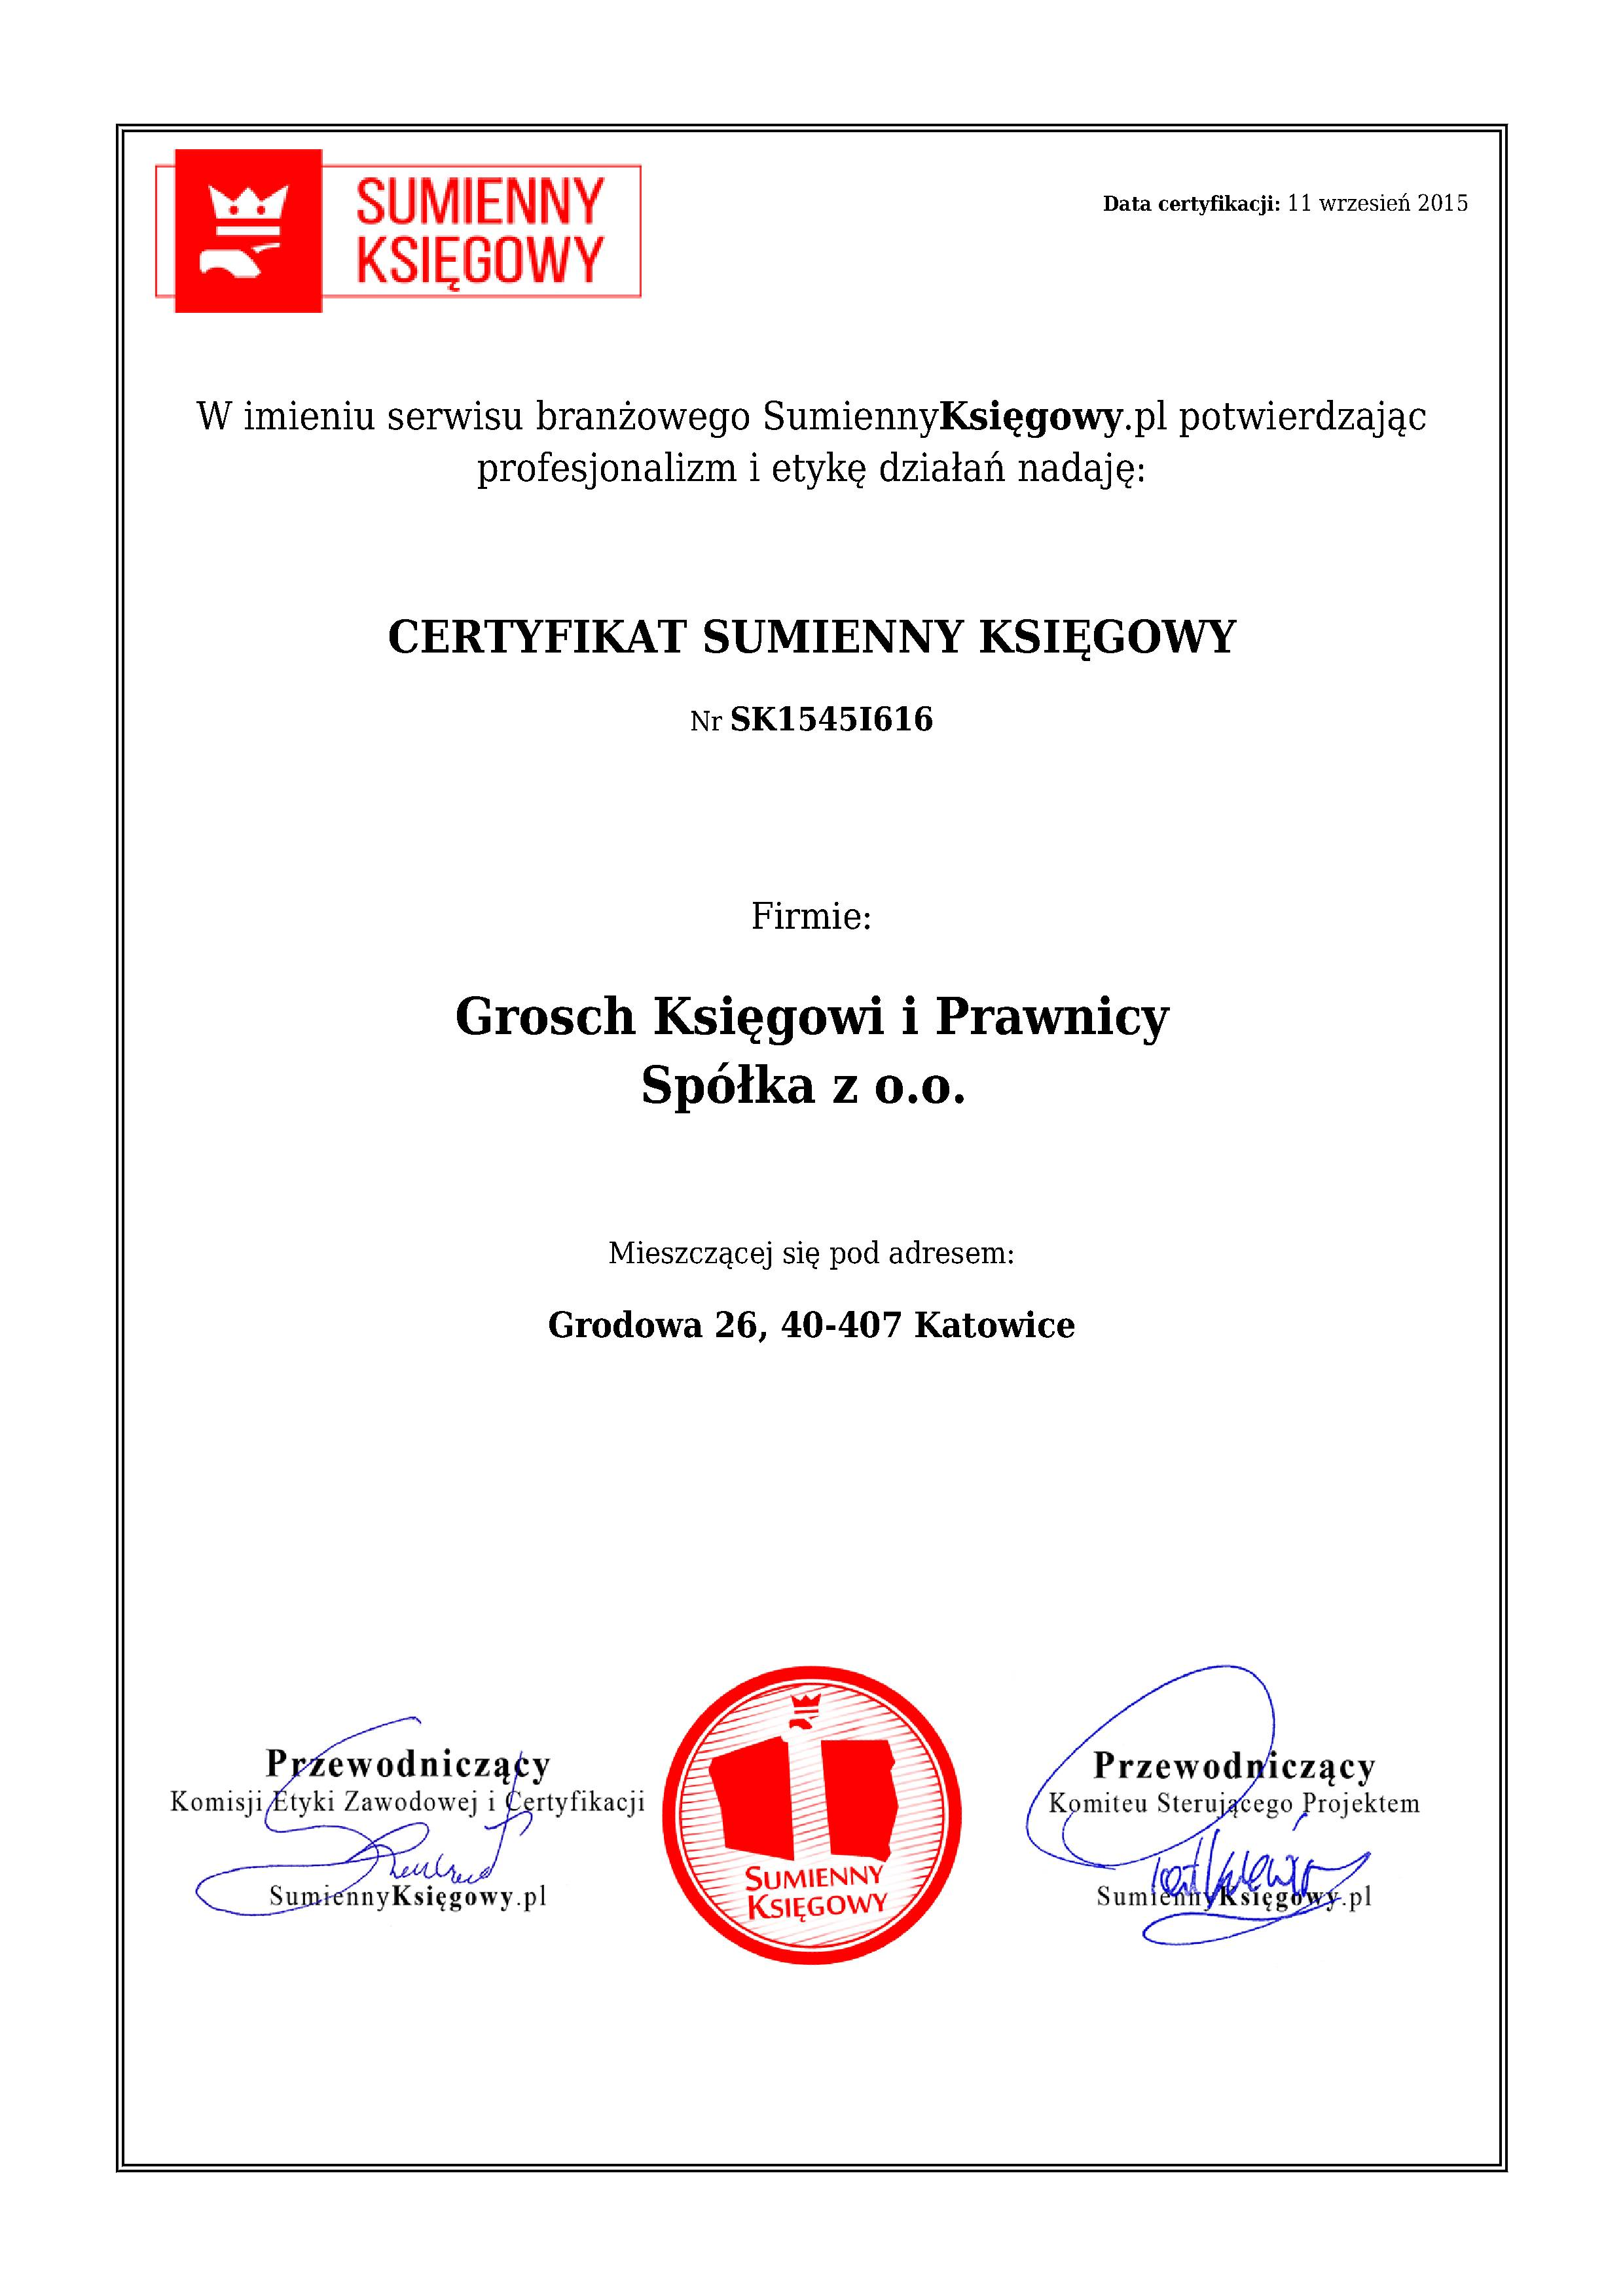 Certyfikat Grosch Księgowi i Prawnicy Spółka z o.o.